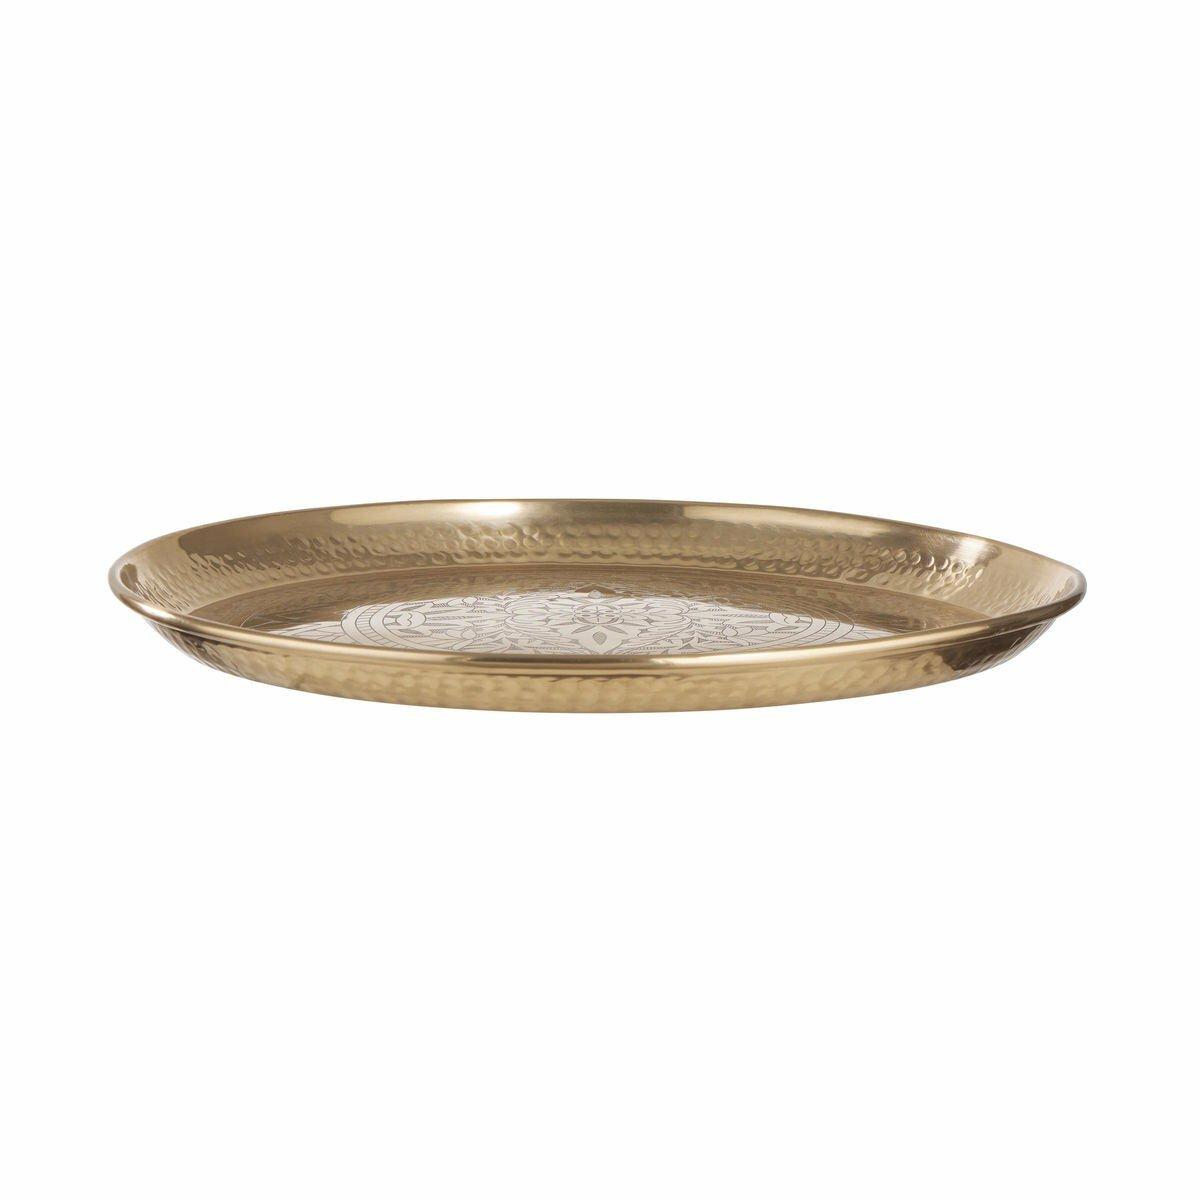 Bild 2 von Deko Tablett glänzend Ø 45 cm gold